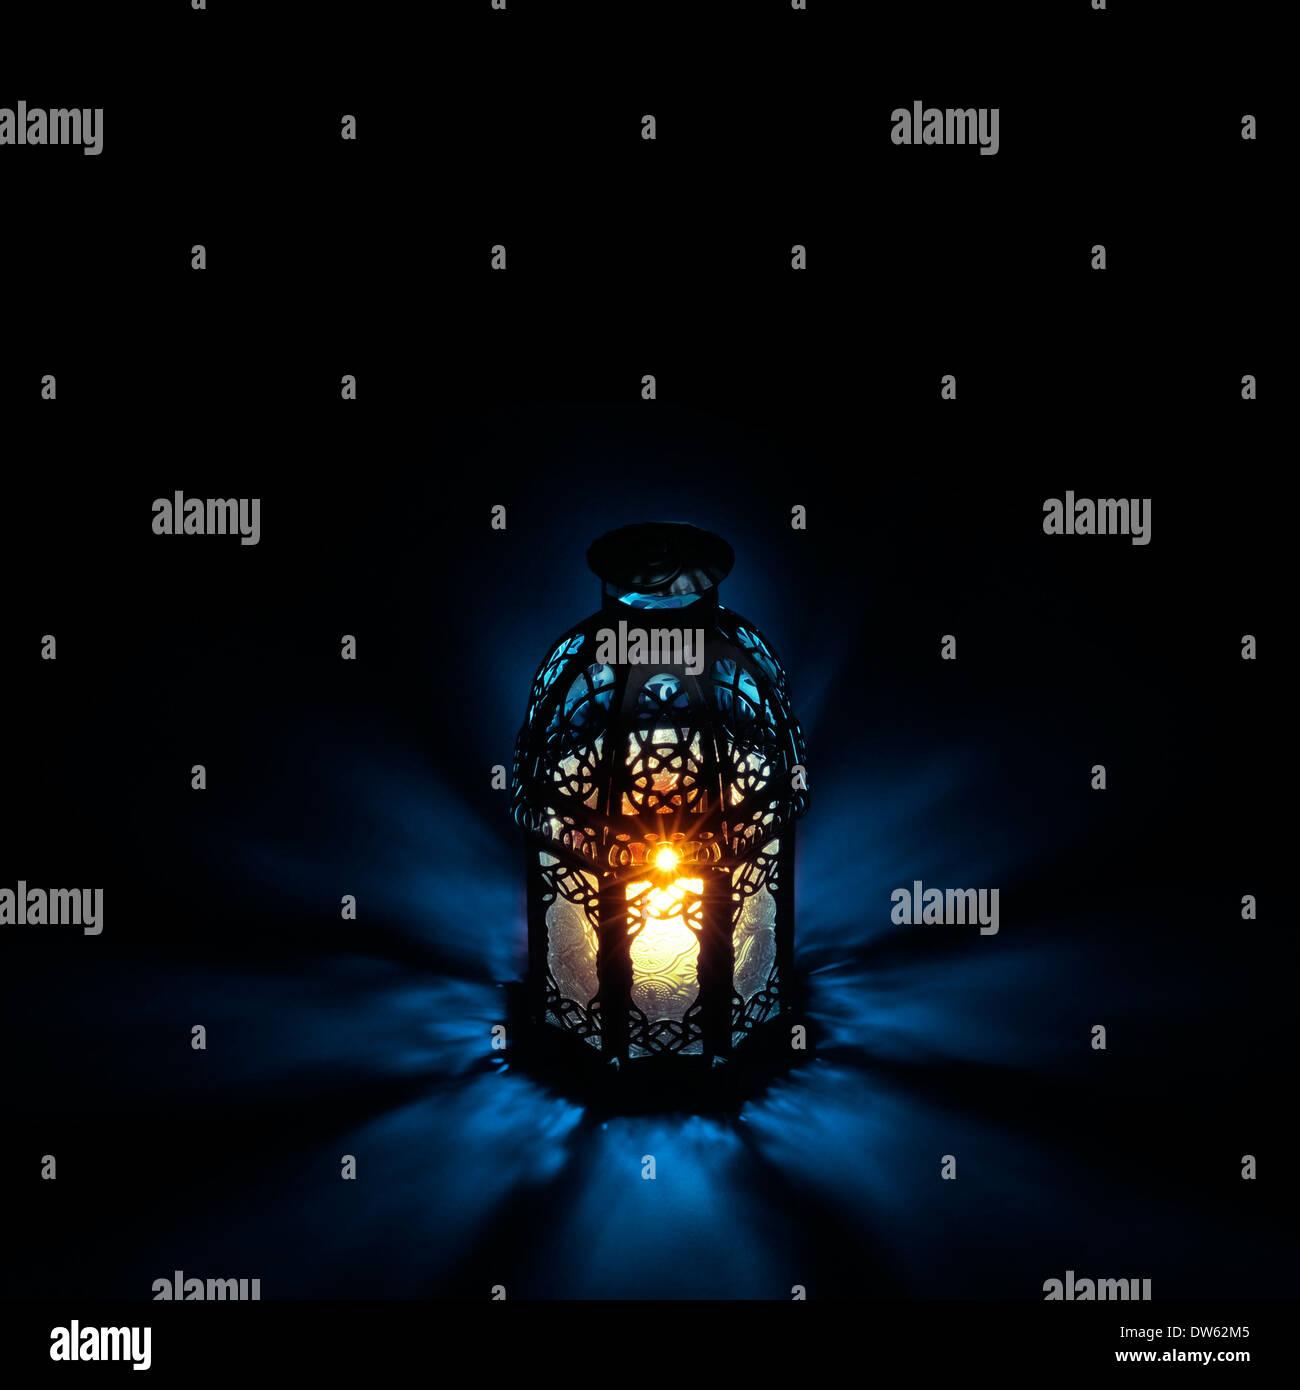 An illuminated Arabic lantern on back background - Stock Image